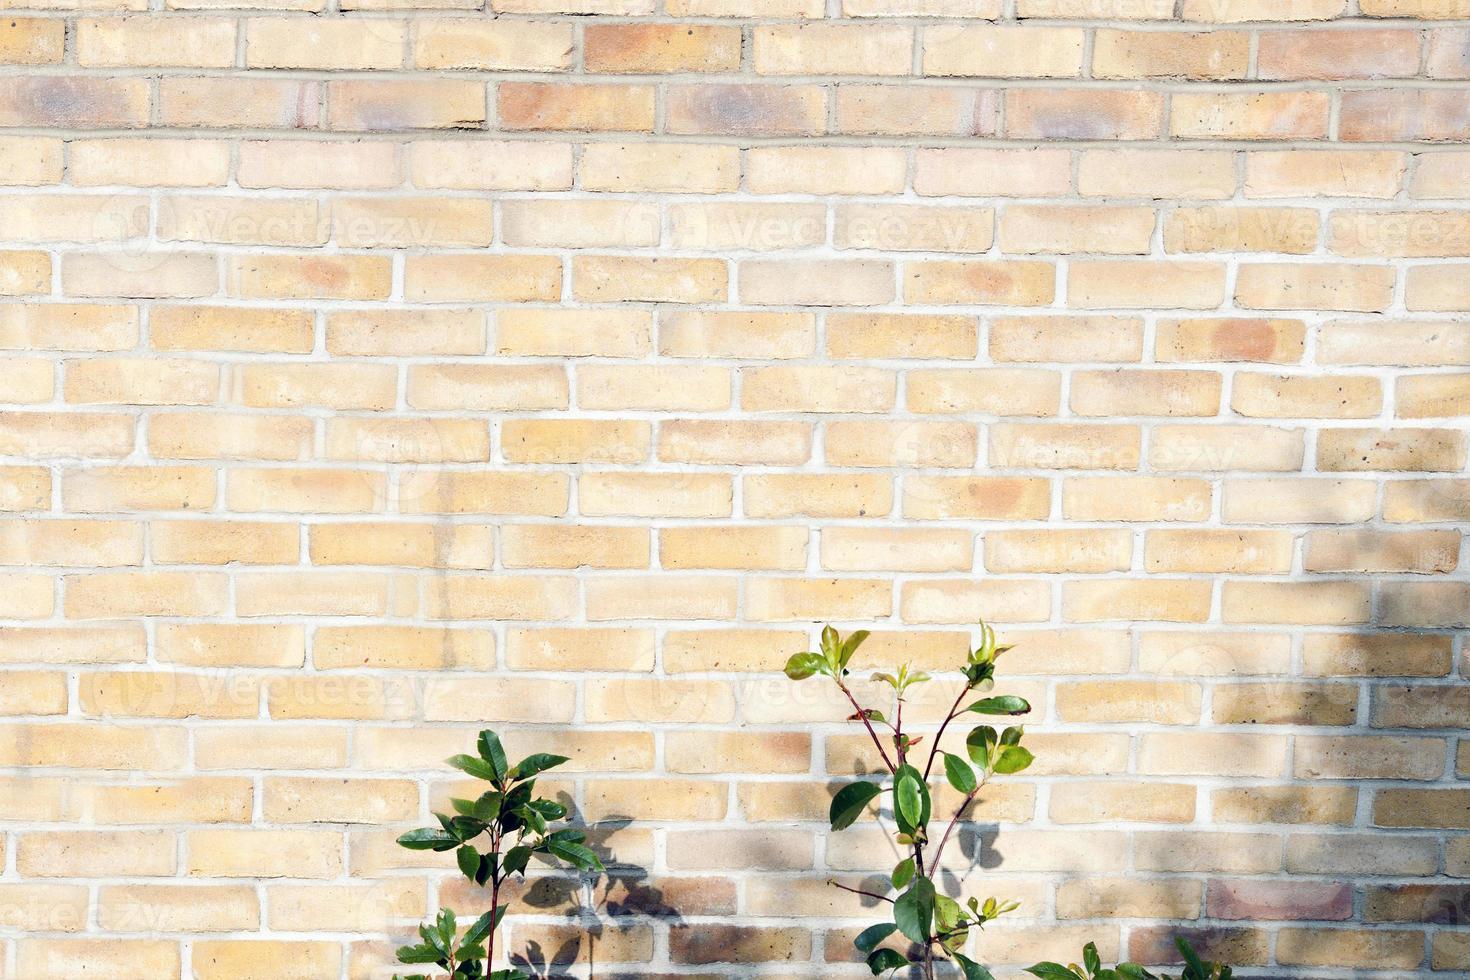 pianta su un muro di mattoni foto